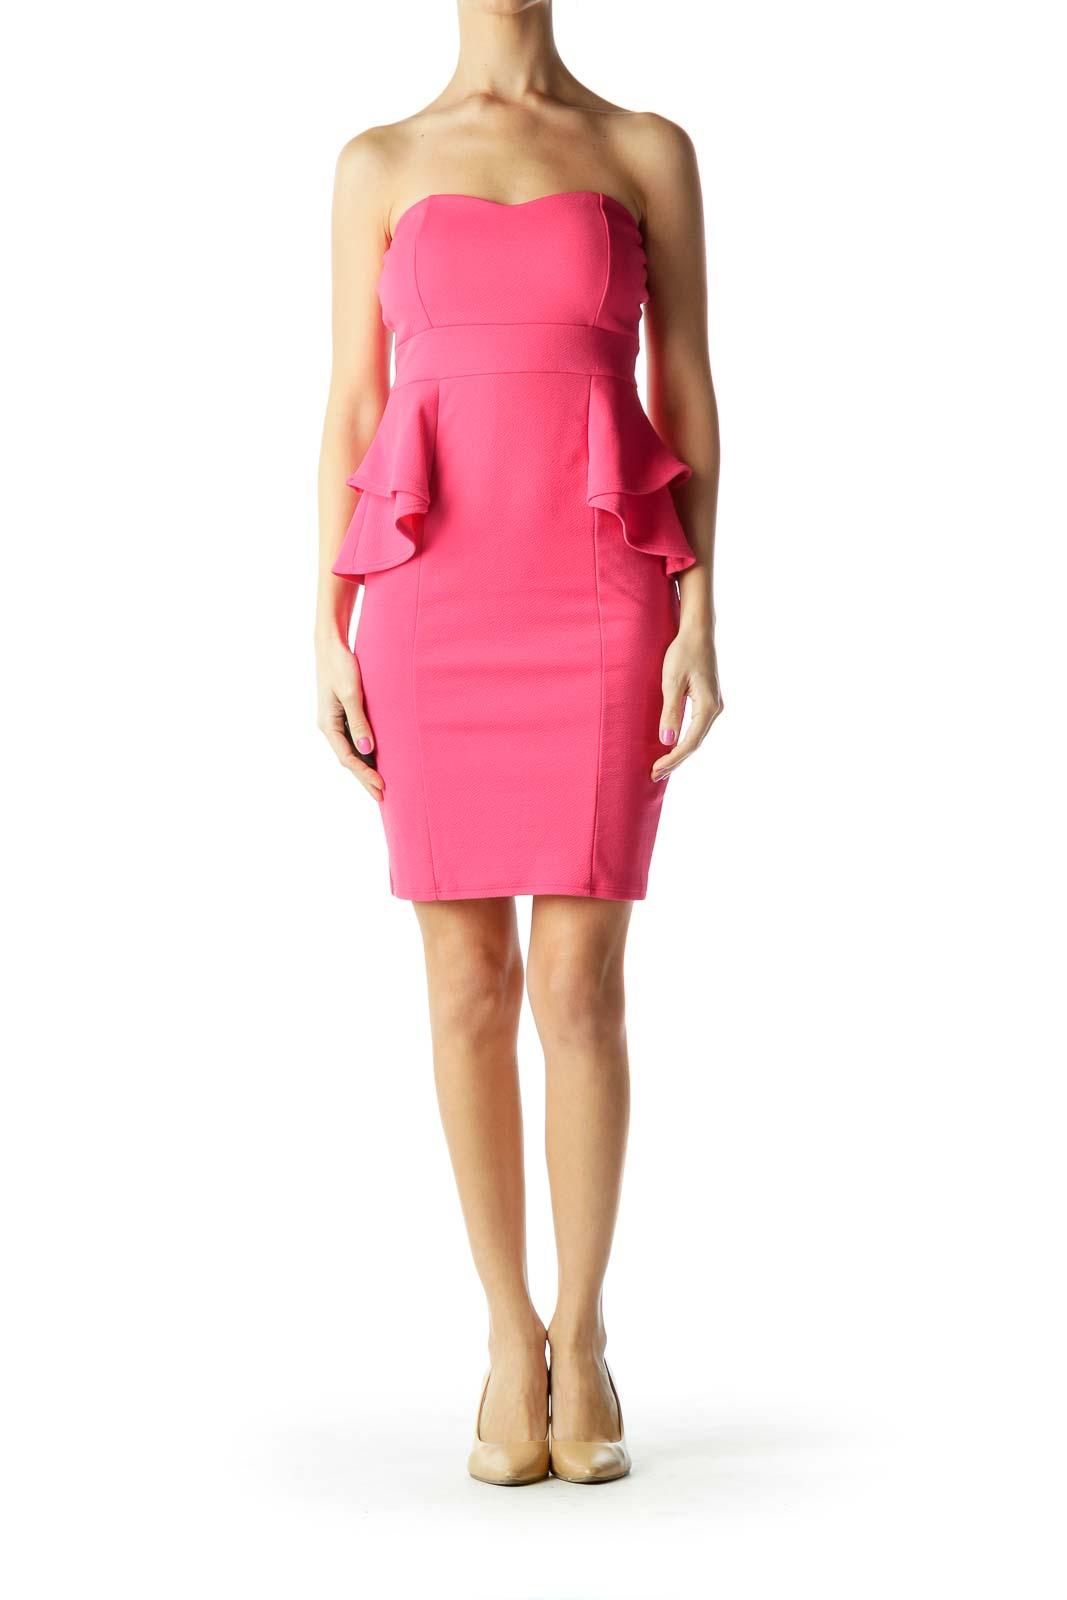 Pink Strapless Peplum Cocktail Dress